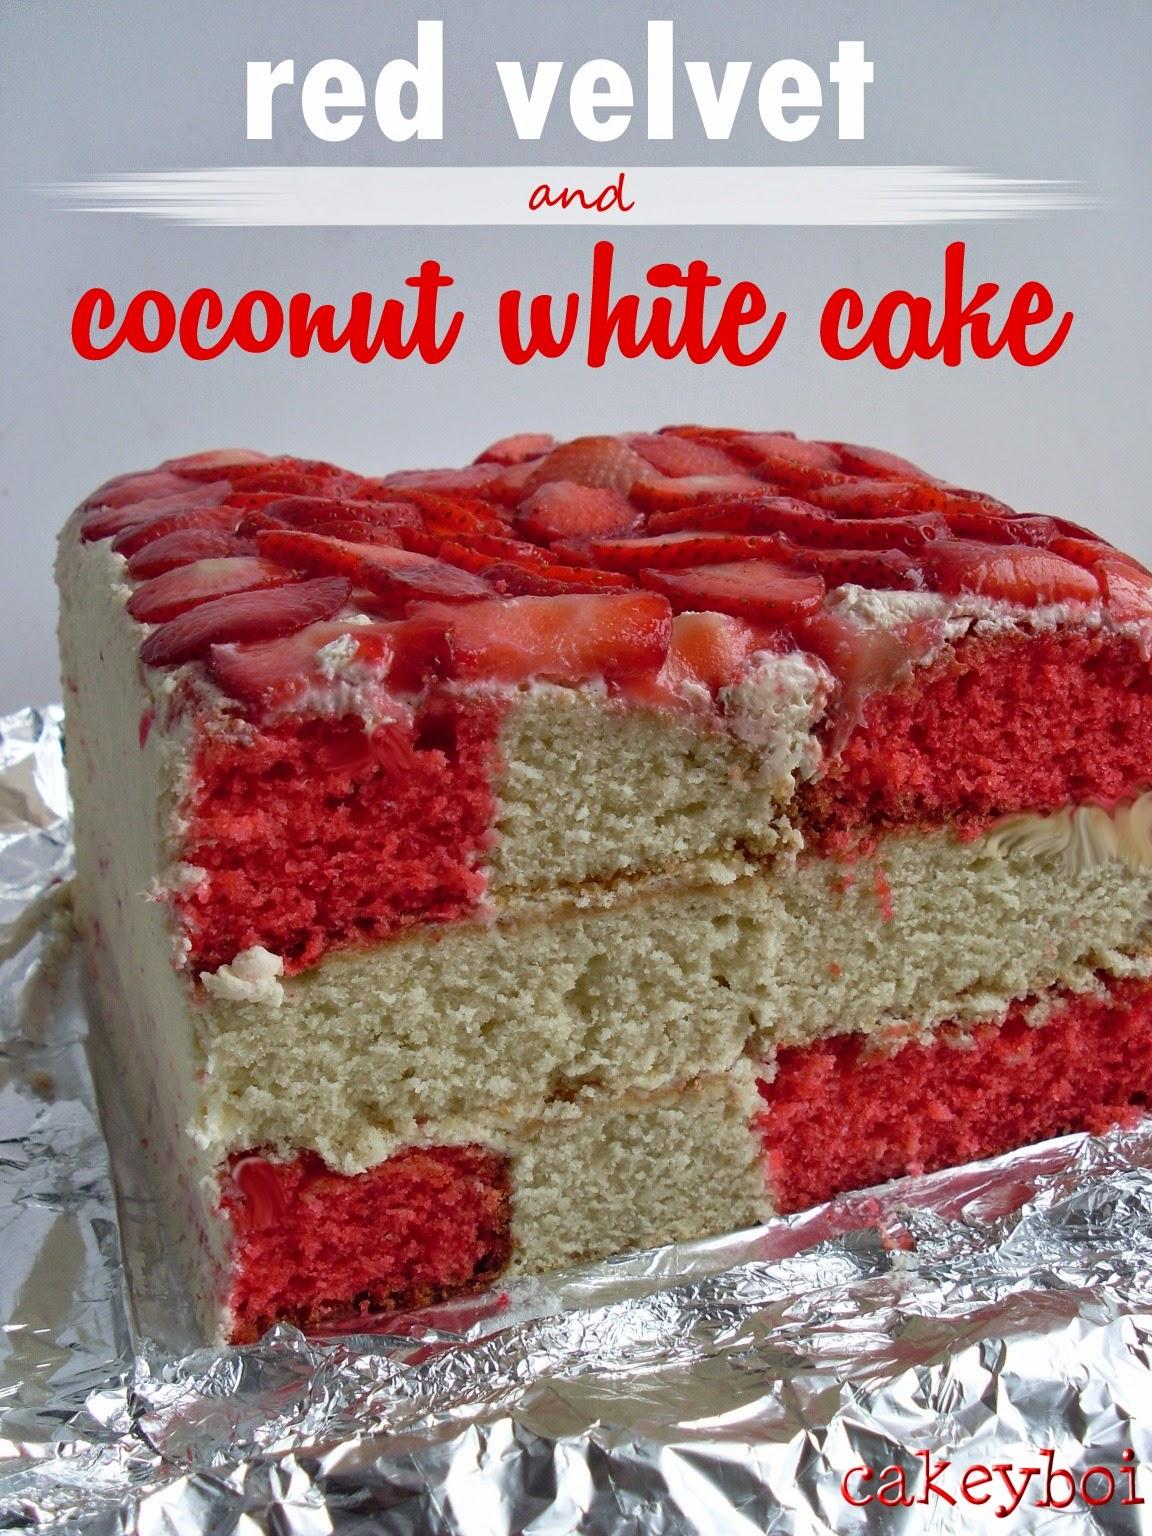 Red Velvet and Coconut White Cake for Eurovision